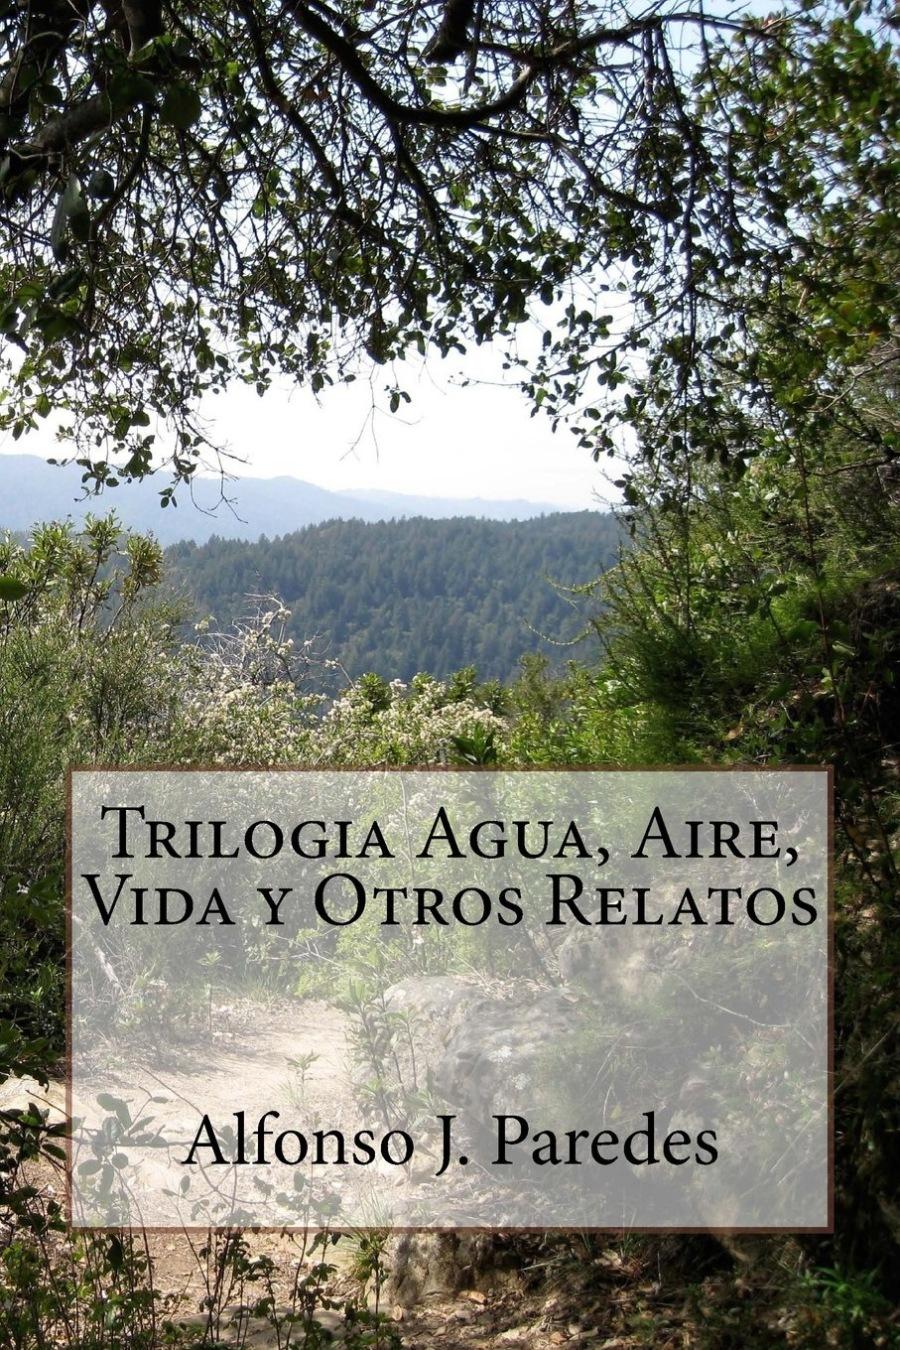 TRILOGIA AGUA, AIRE, it VIDA Y OTROS RELATOS